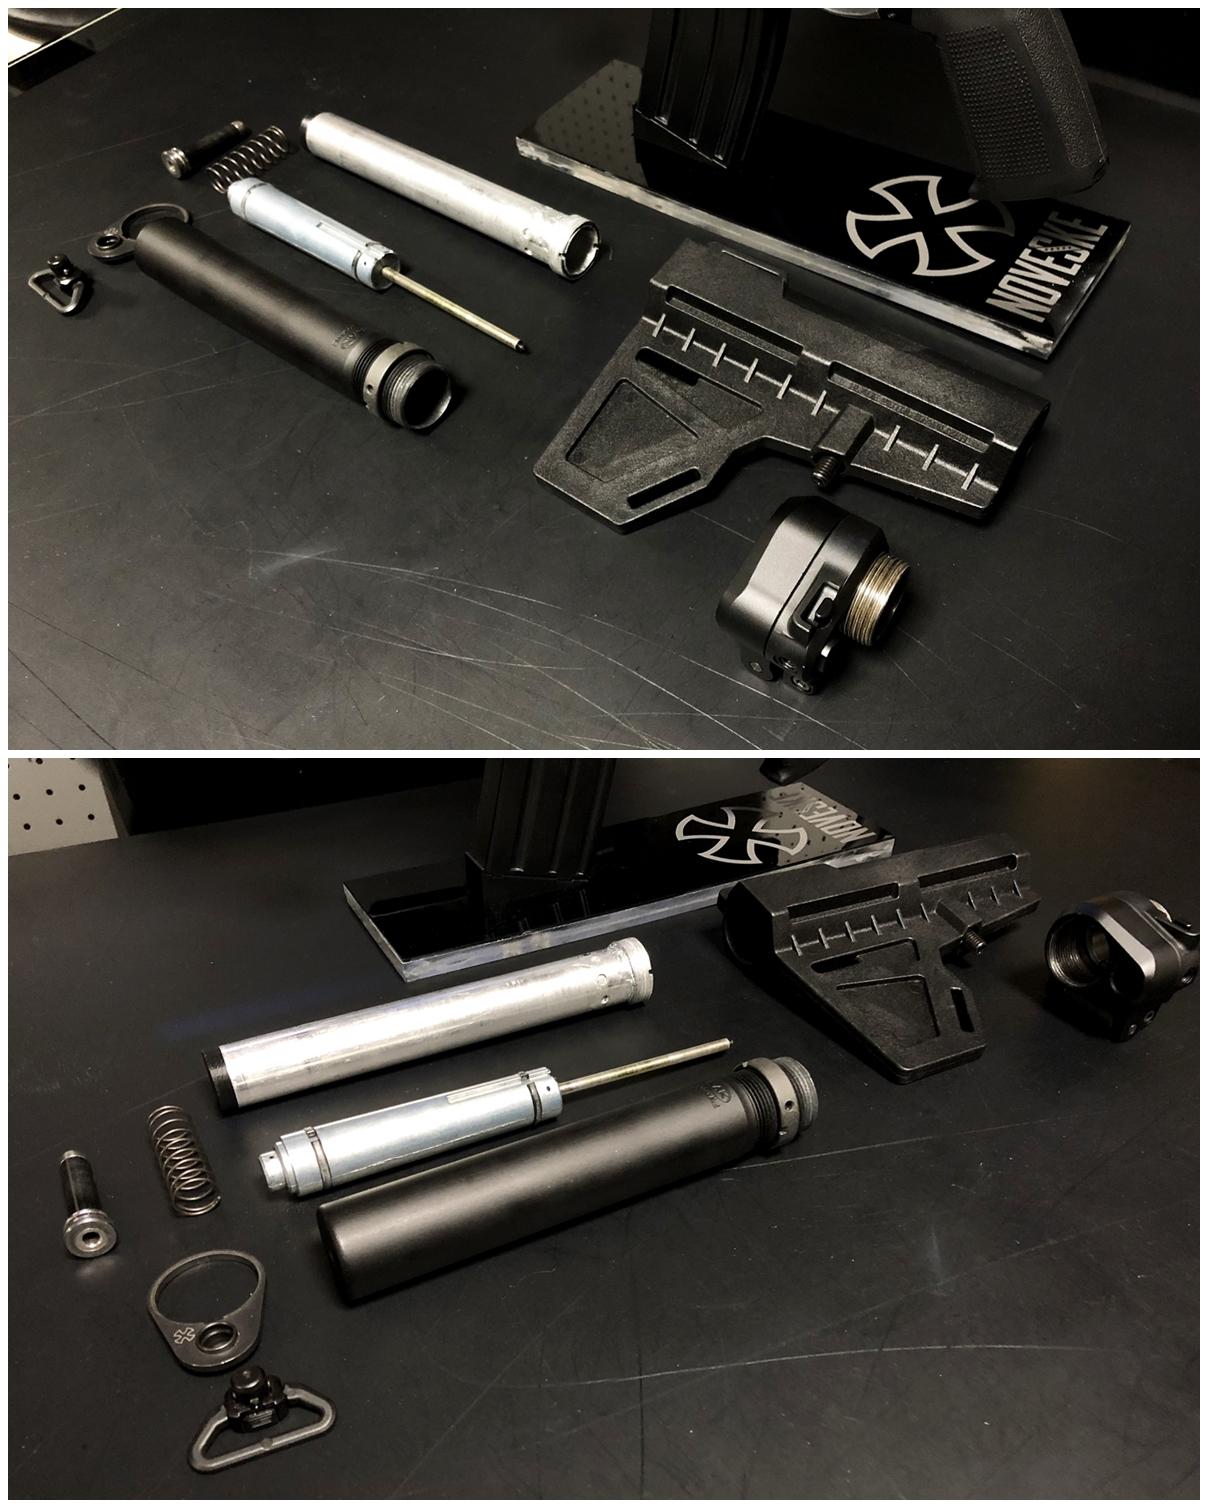 2 次世代 M4 CQB-R 電動ガン 実物 KAK SHOCKWAVE BLADE PISTOL AR-15 ストック 取付 改造 カスタム 大作戦 第7弾完結!! 最終 組み立て作業 & 初速 調整!! 実銃 ストックパイプ AR フォールディング 取付 リコイル ス